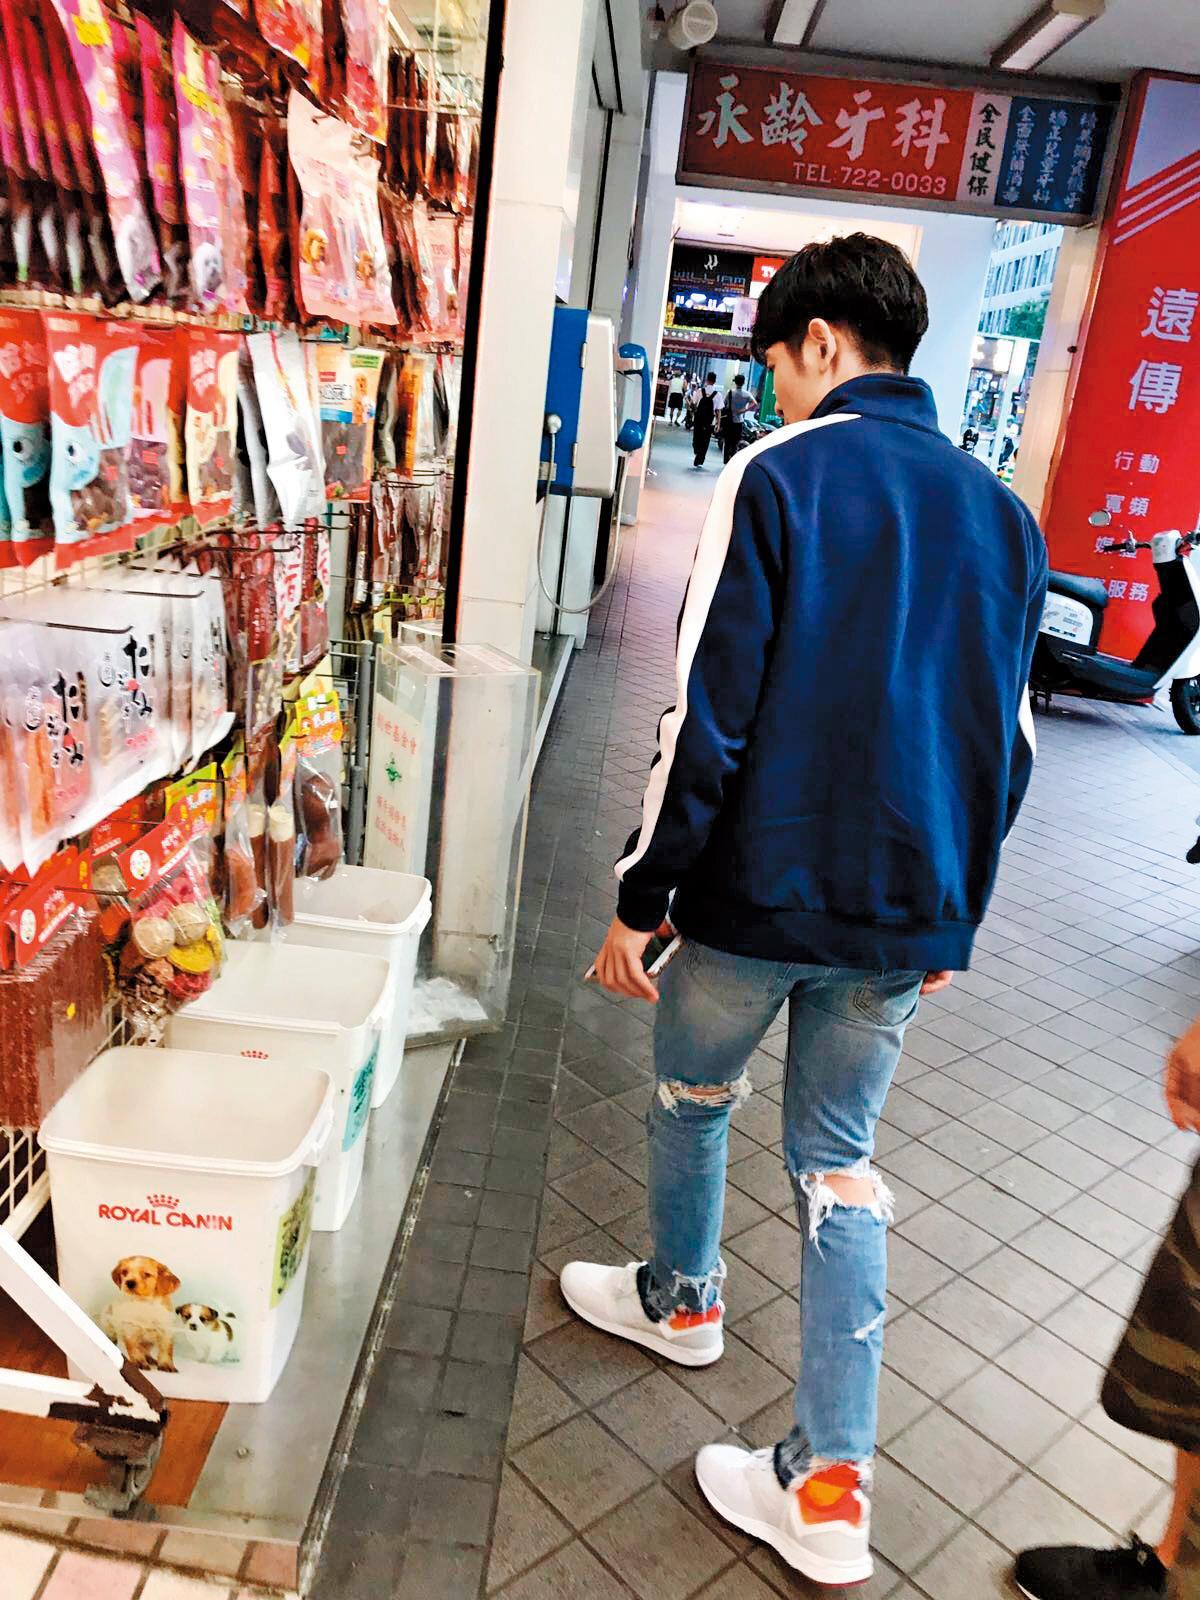 蕭敬騰工作完後逛寵物店,為家裡毛小孩添購用品。